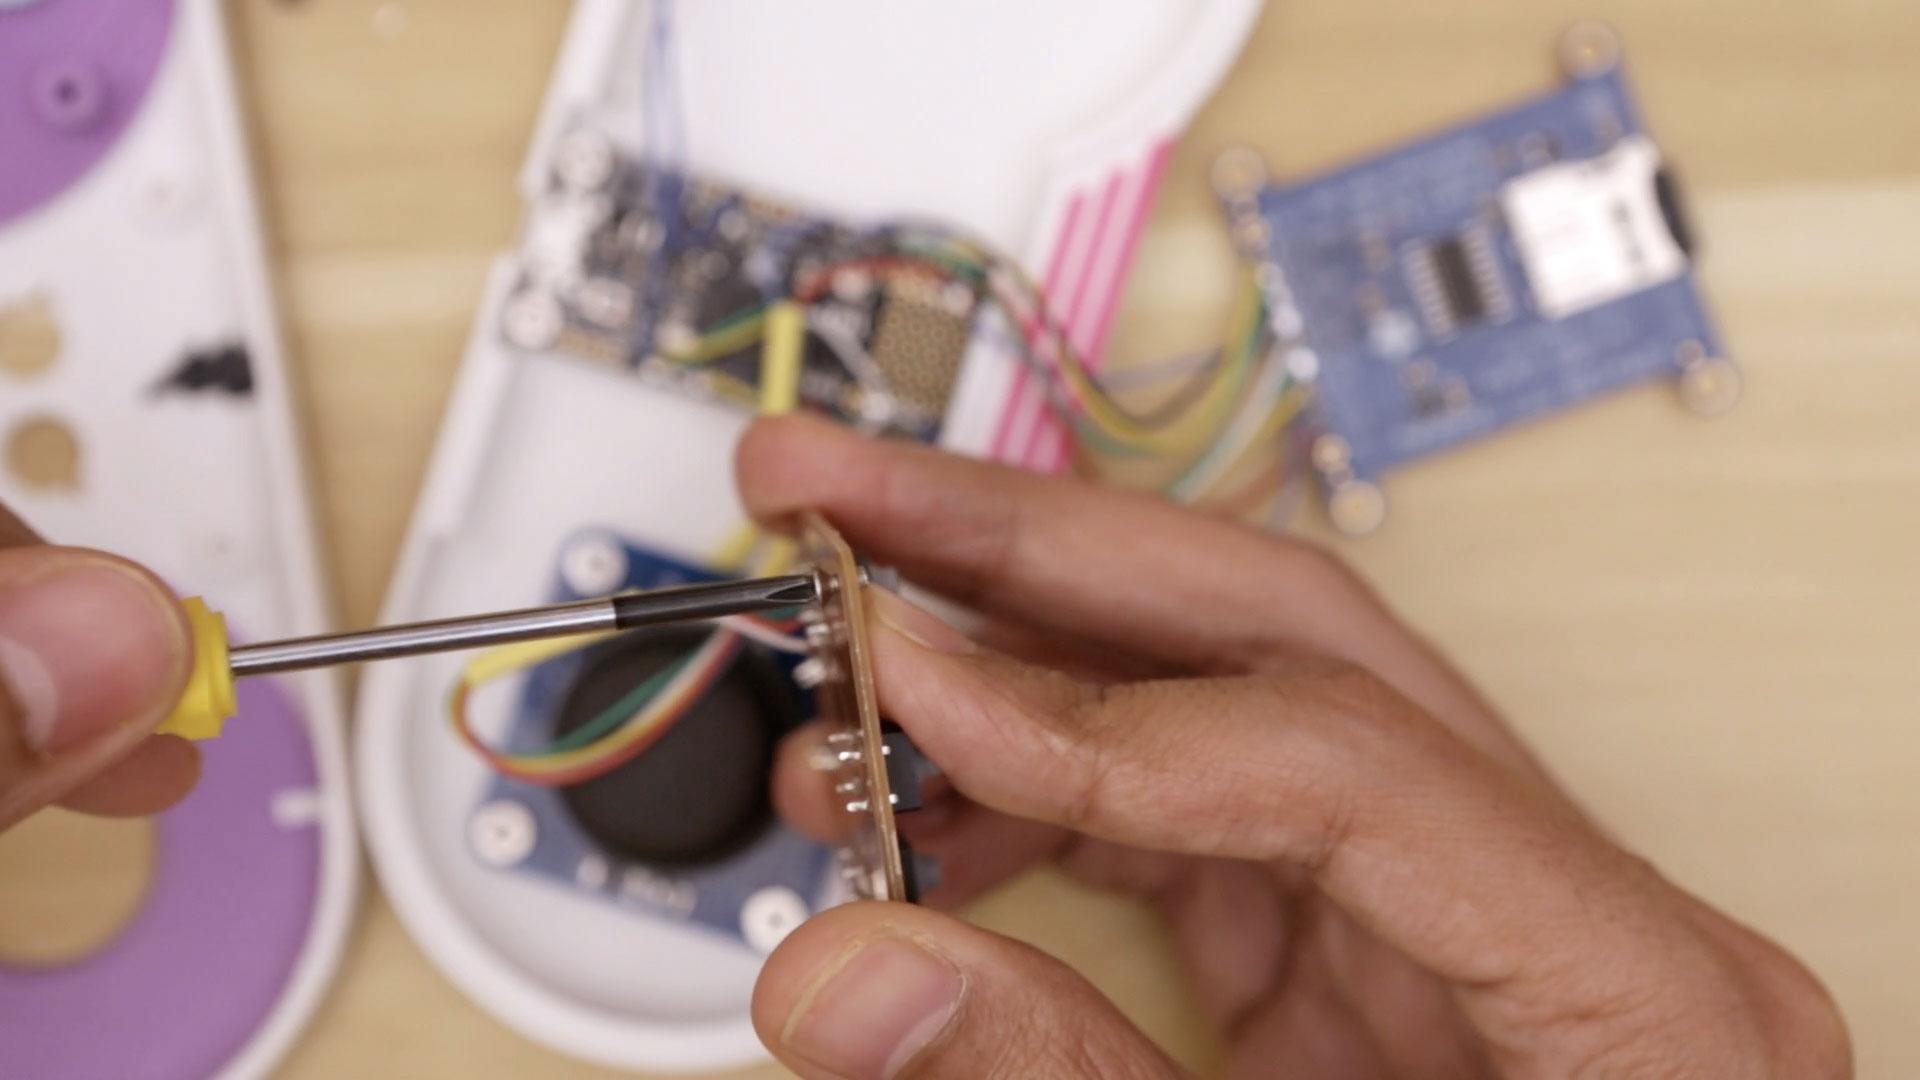 3d_printing_button-pcb-install-screws.jpg